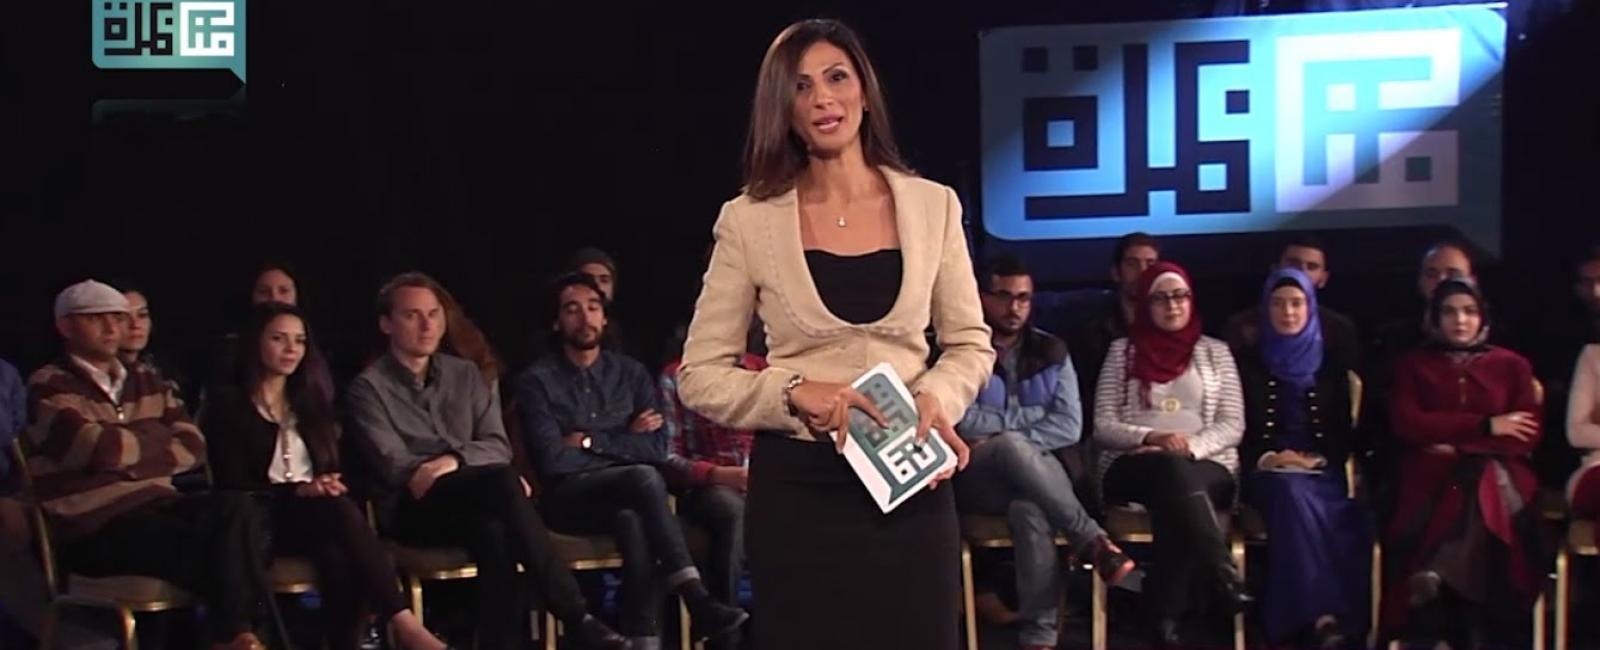 #لا_سبيل_للتغيير_دون، العرض المباشرعلى قناة الجزيرة مباشر